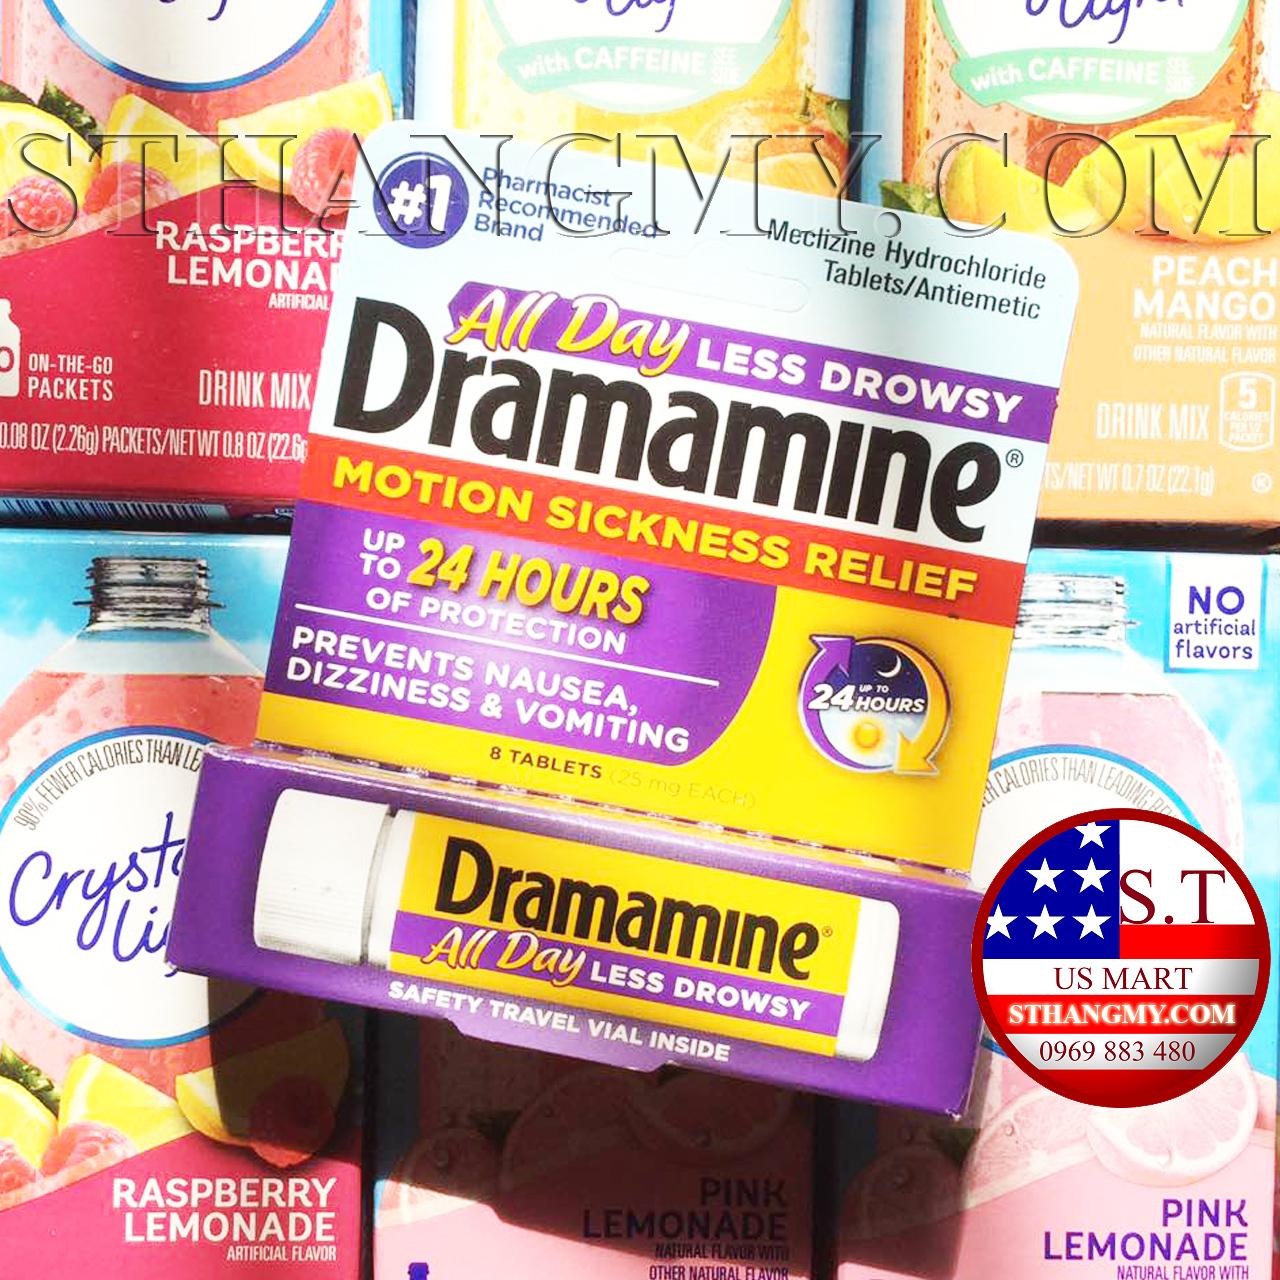 Thuốc say xe Dramamine lọ 8 viên của Mỹ - Không gây buồn ngủ